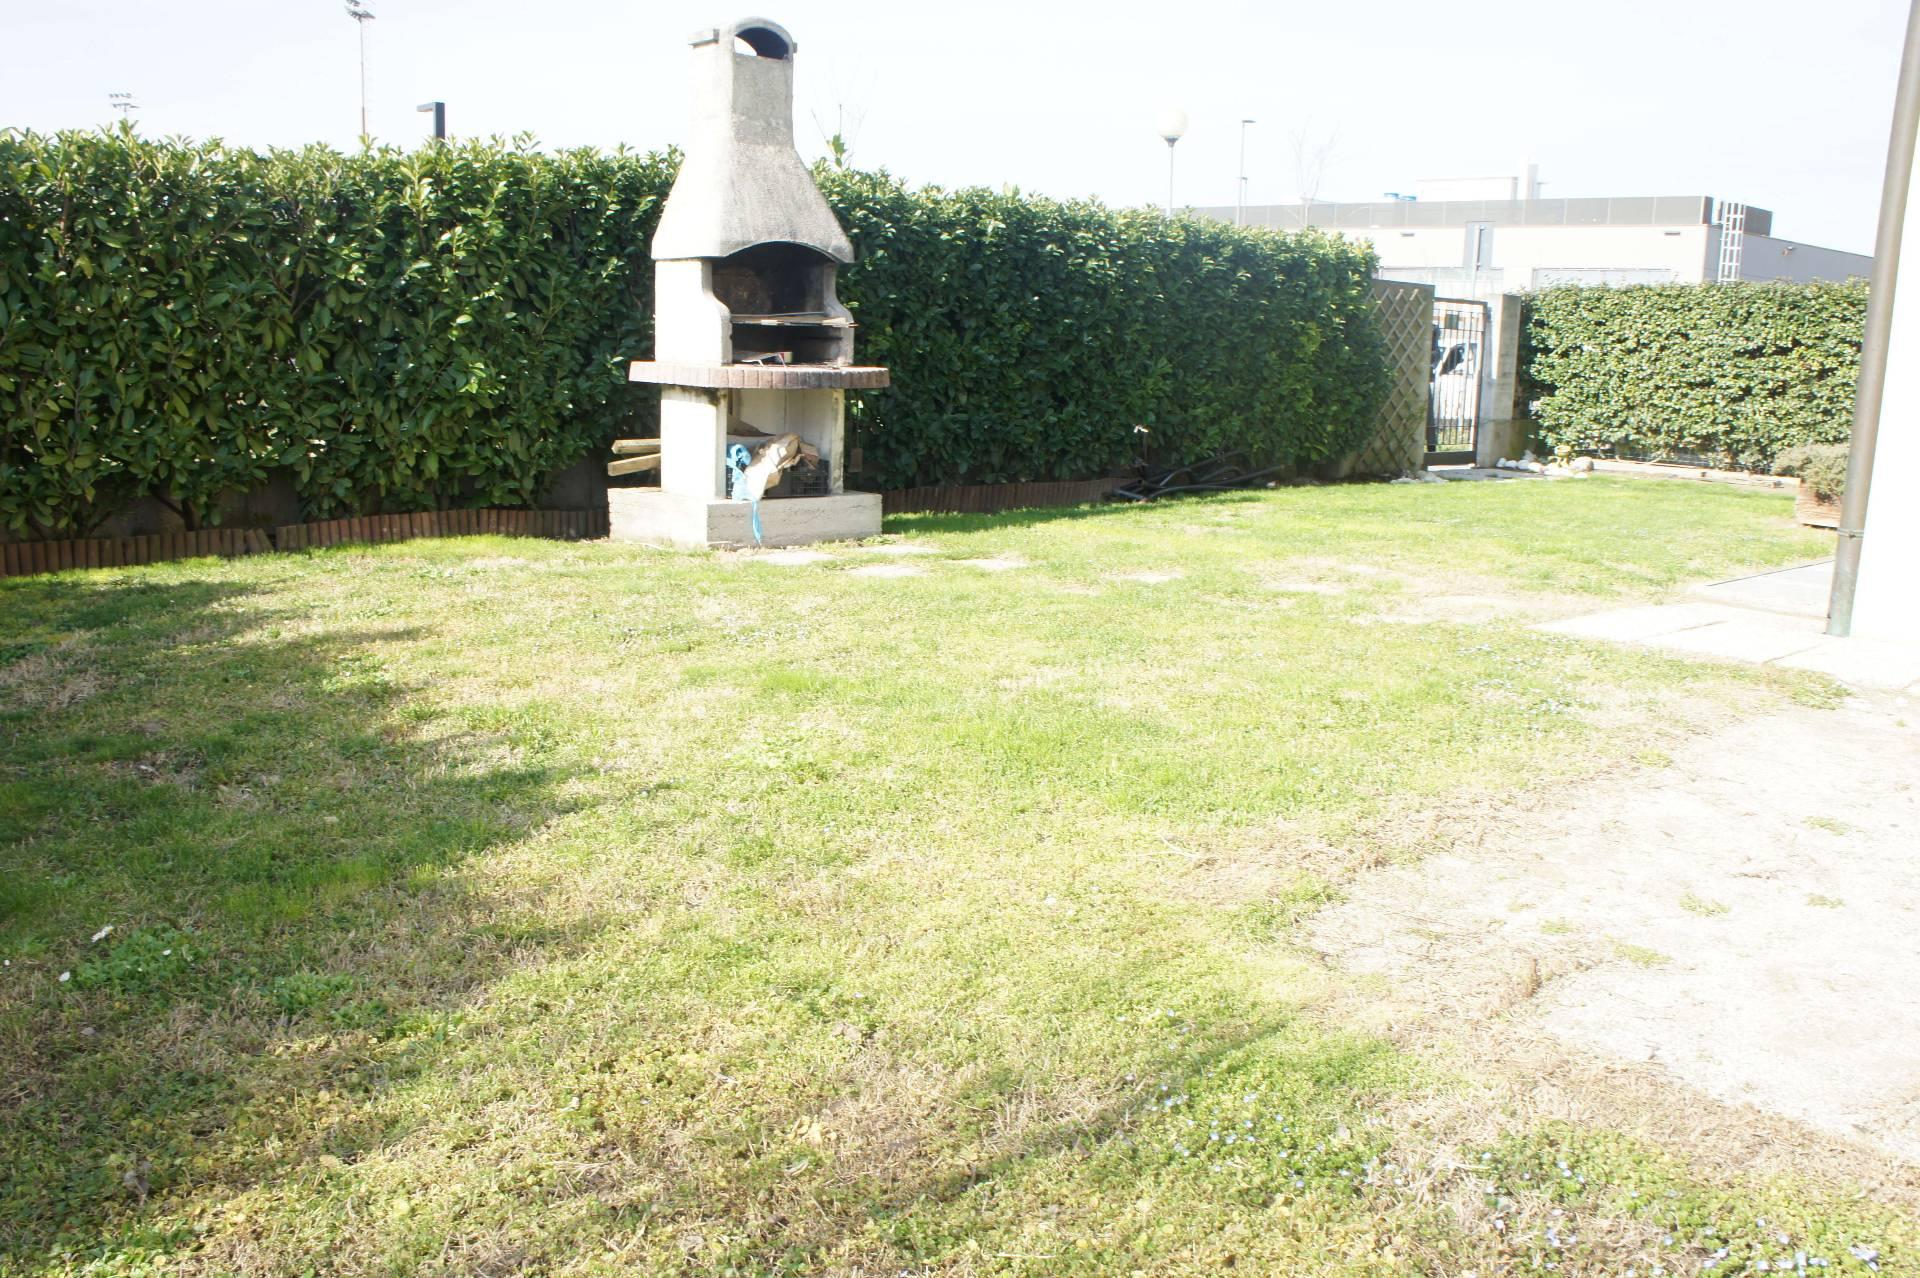 Appartamento in vendita a Noventa di Piave, 3 locali, zona Località: Centro, Trattative riservate | Cambio Casa.it